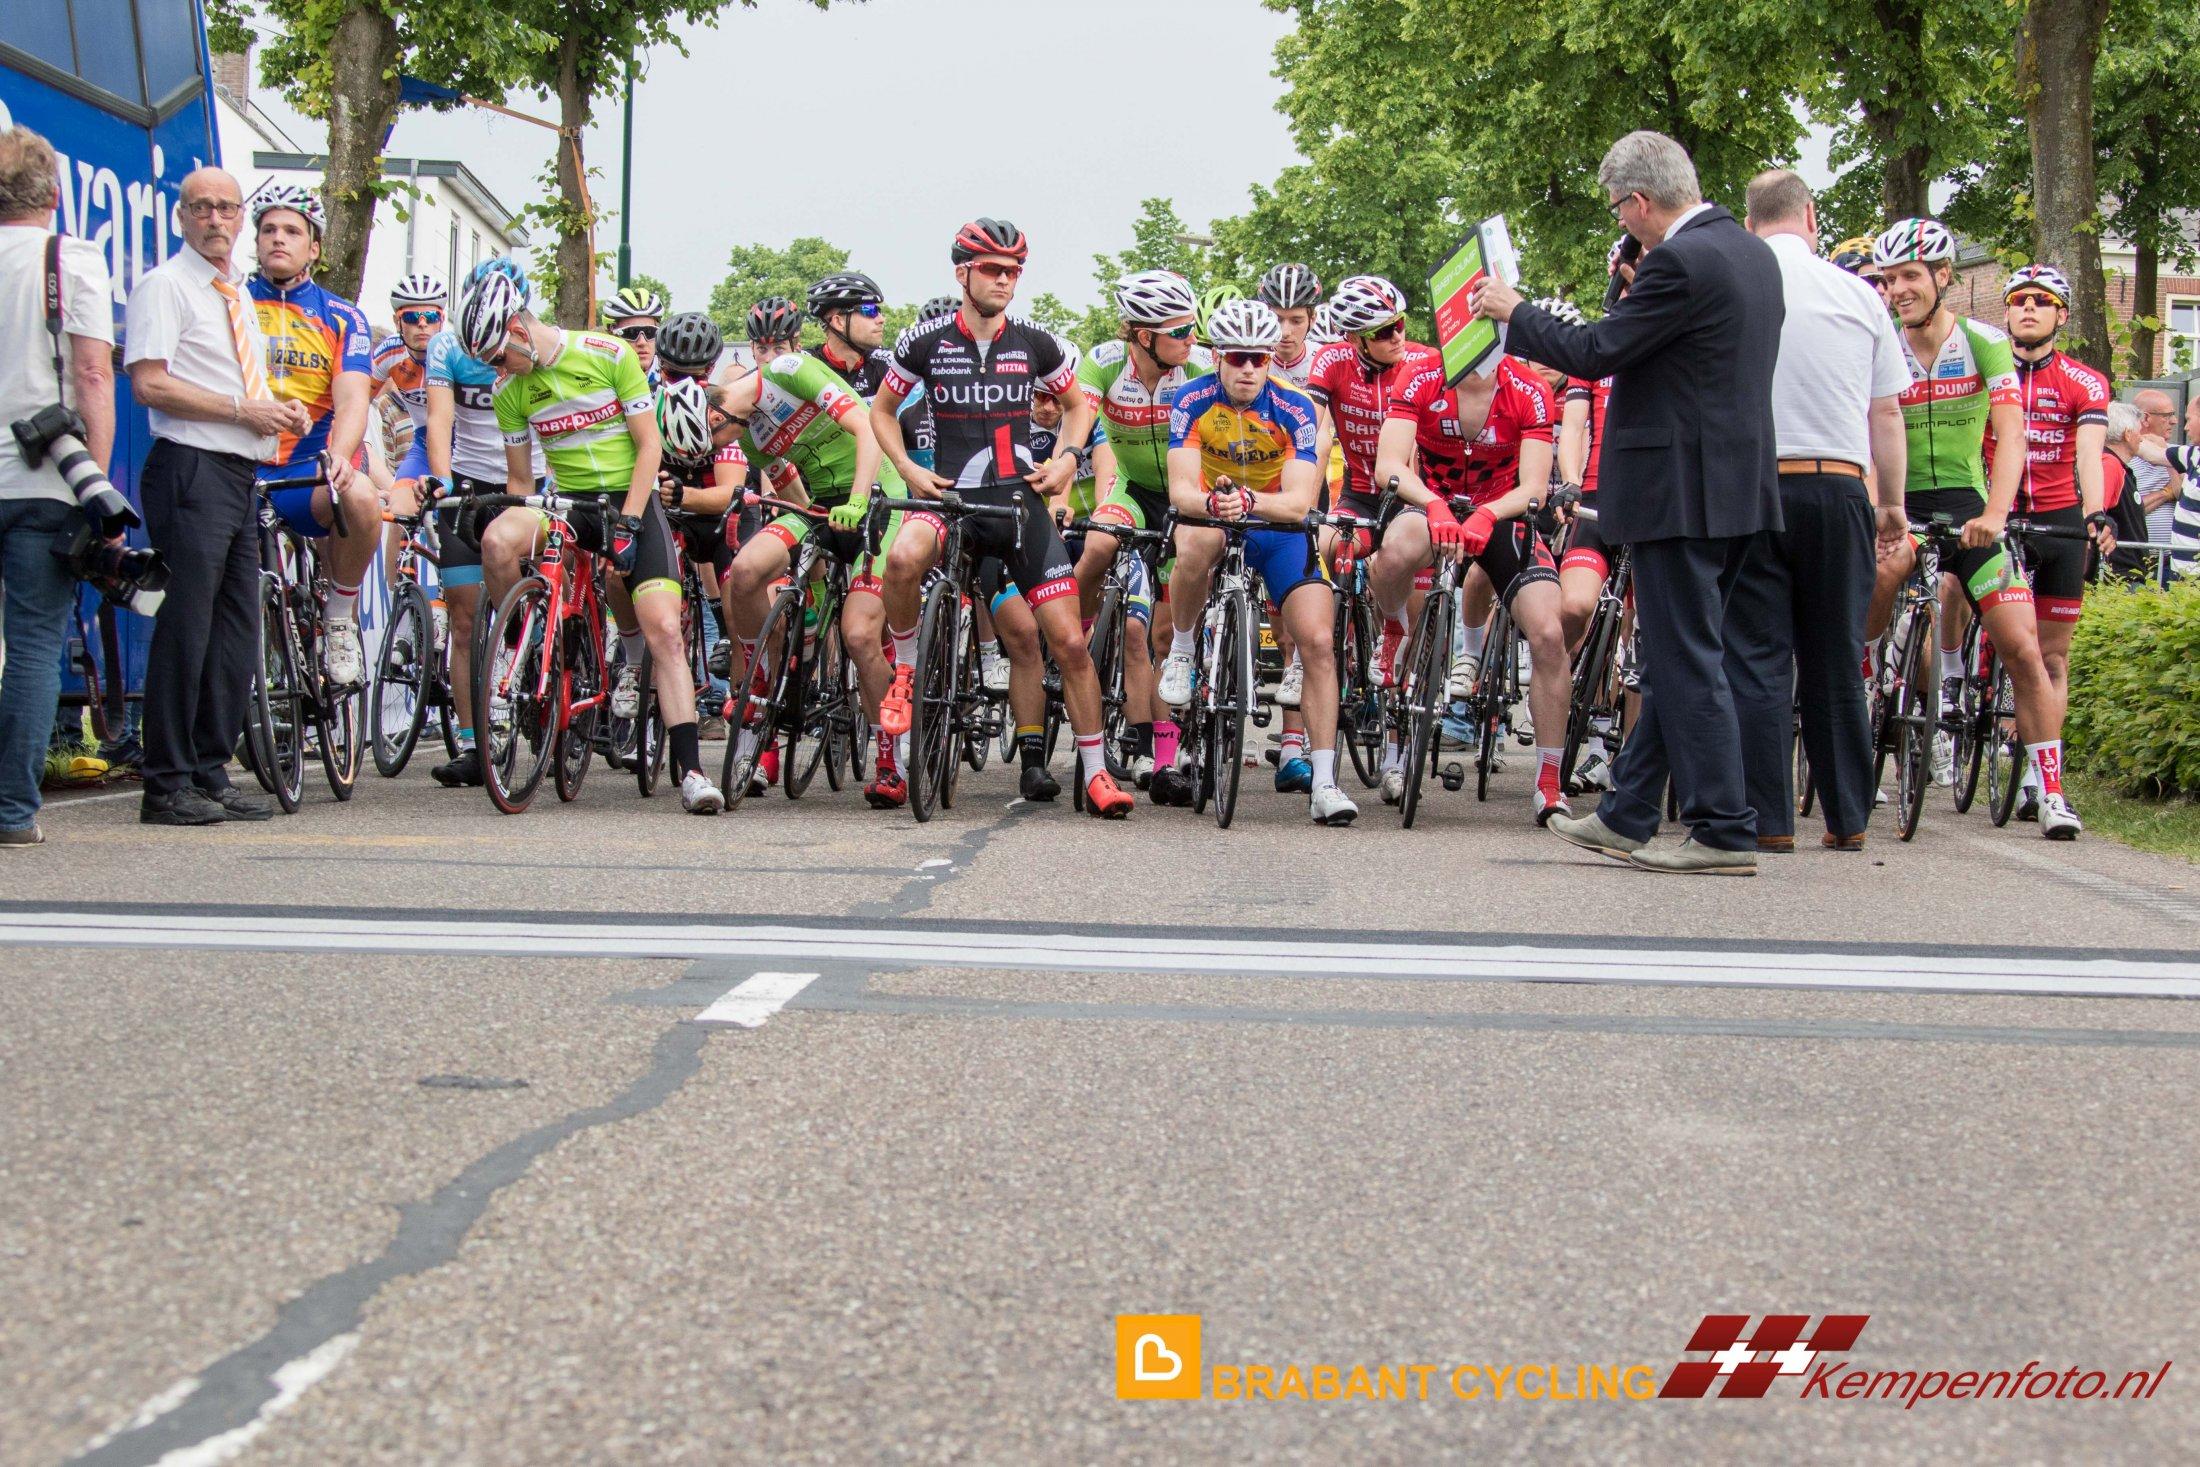 Kempenklassement Westerhoven 2016-35